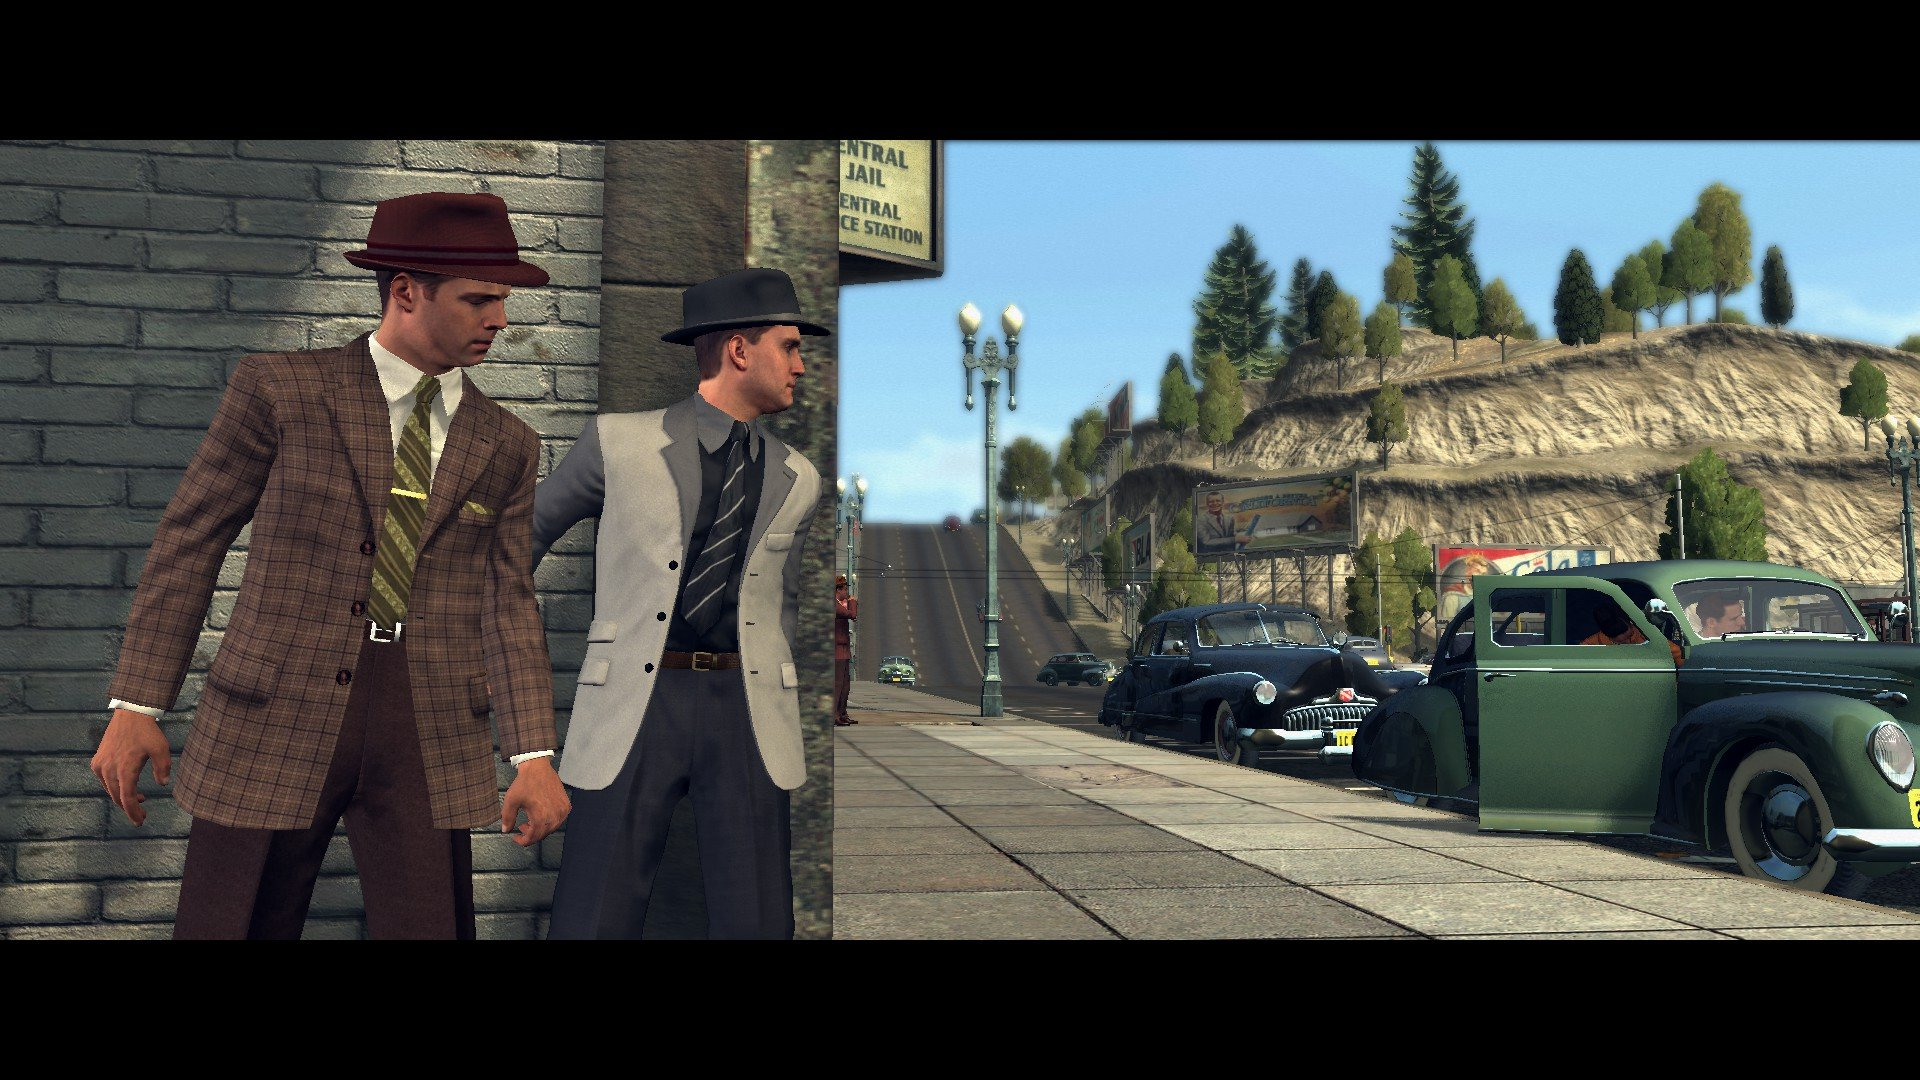 Пост-прохождение L.A. Noire Часть 5 - Изображение 19